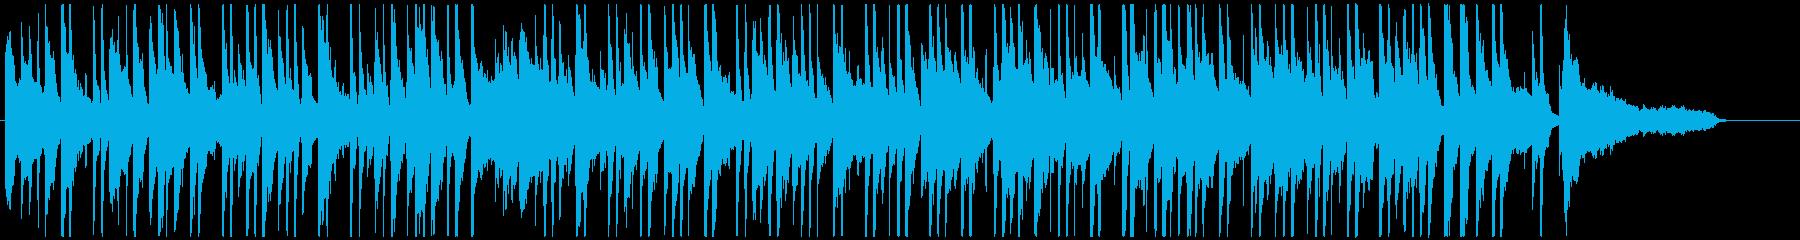 オシャレなラウンジ風のボサノバ(短め)の再生済みの波形